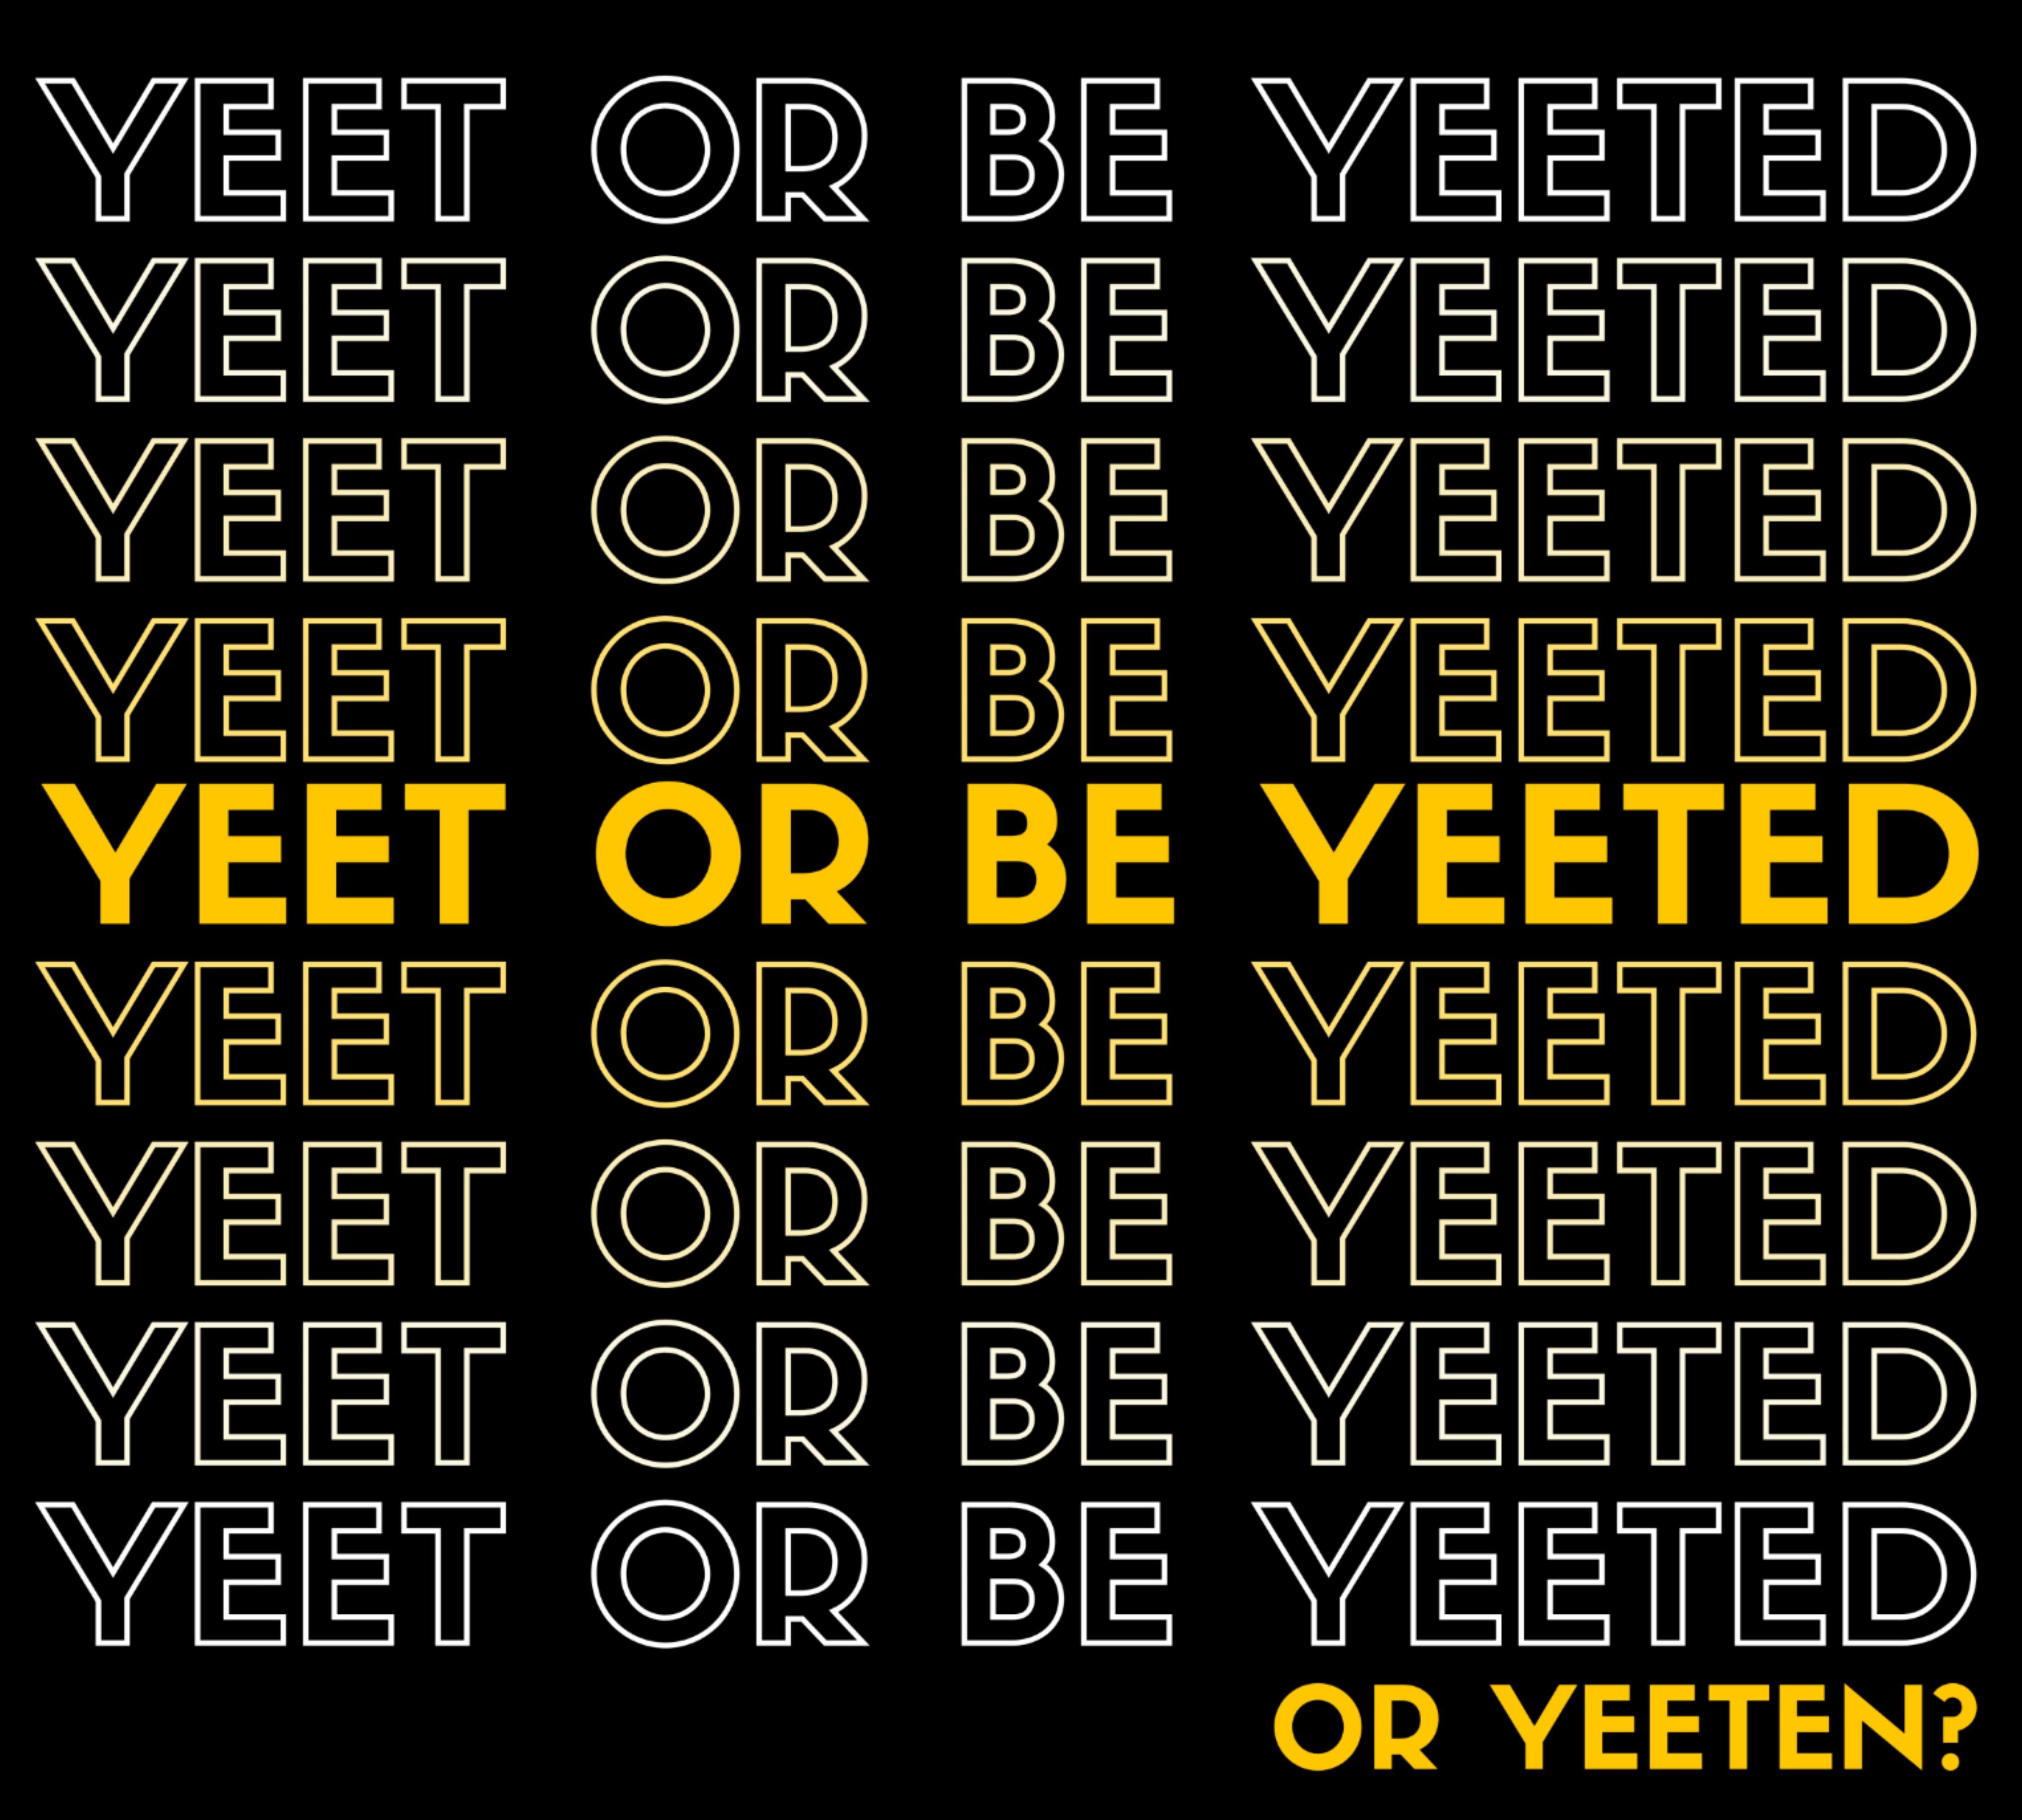 Yeet Or Be Yeeted Or Yeeten Yet Gen Z Millennials Meme Joke Etsy Memes Funny Iphone Wallpaper Funny Relatable Memes